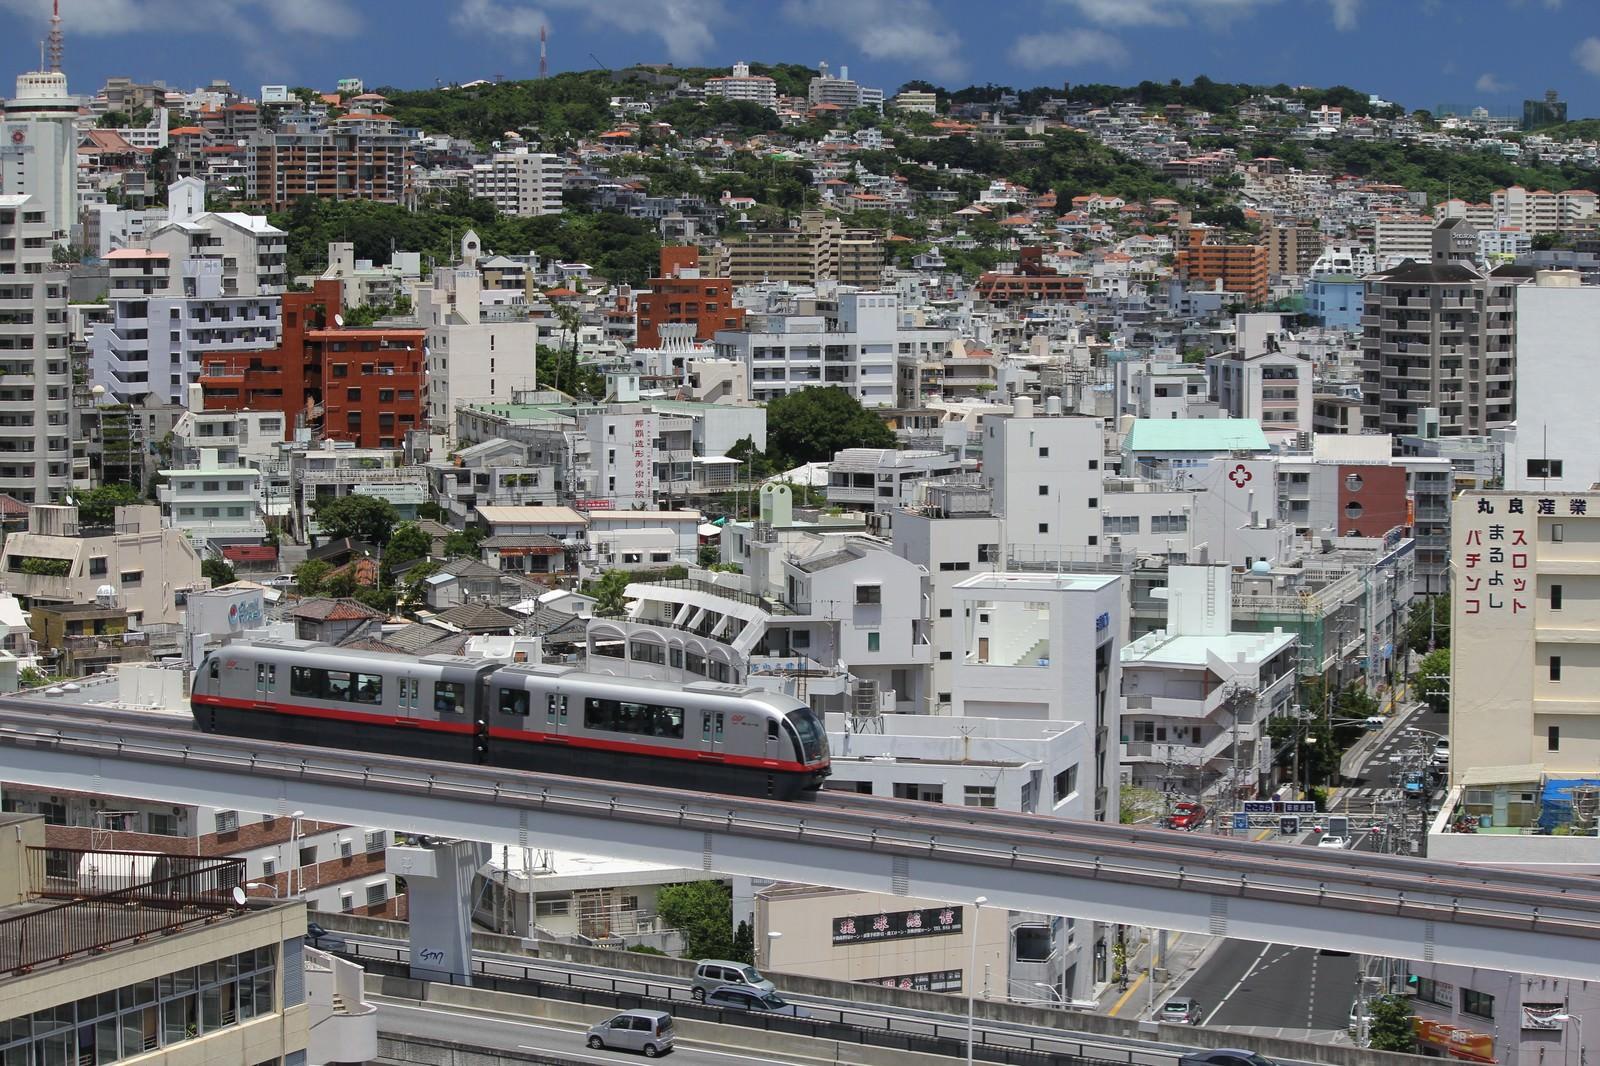 「沖縄の街並み」の写真